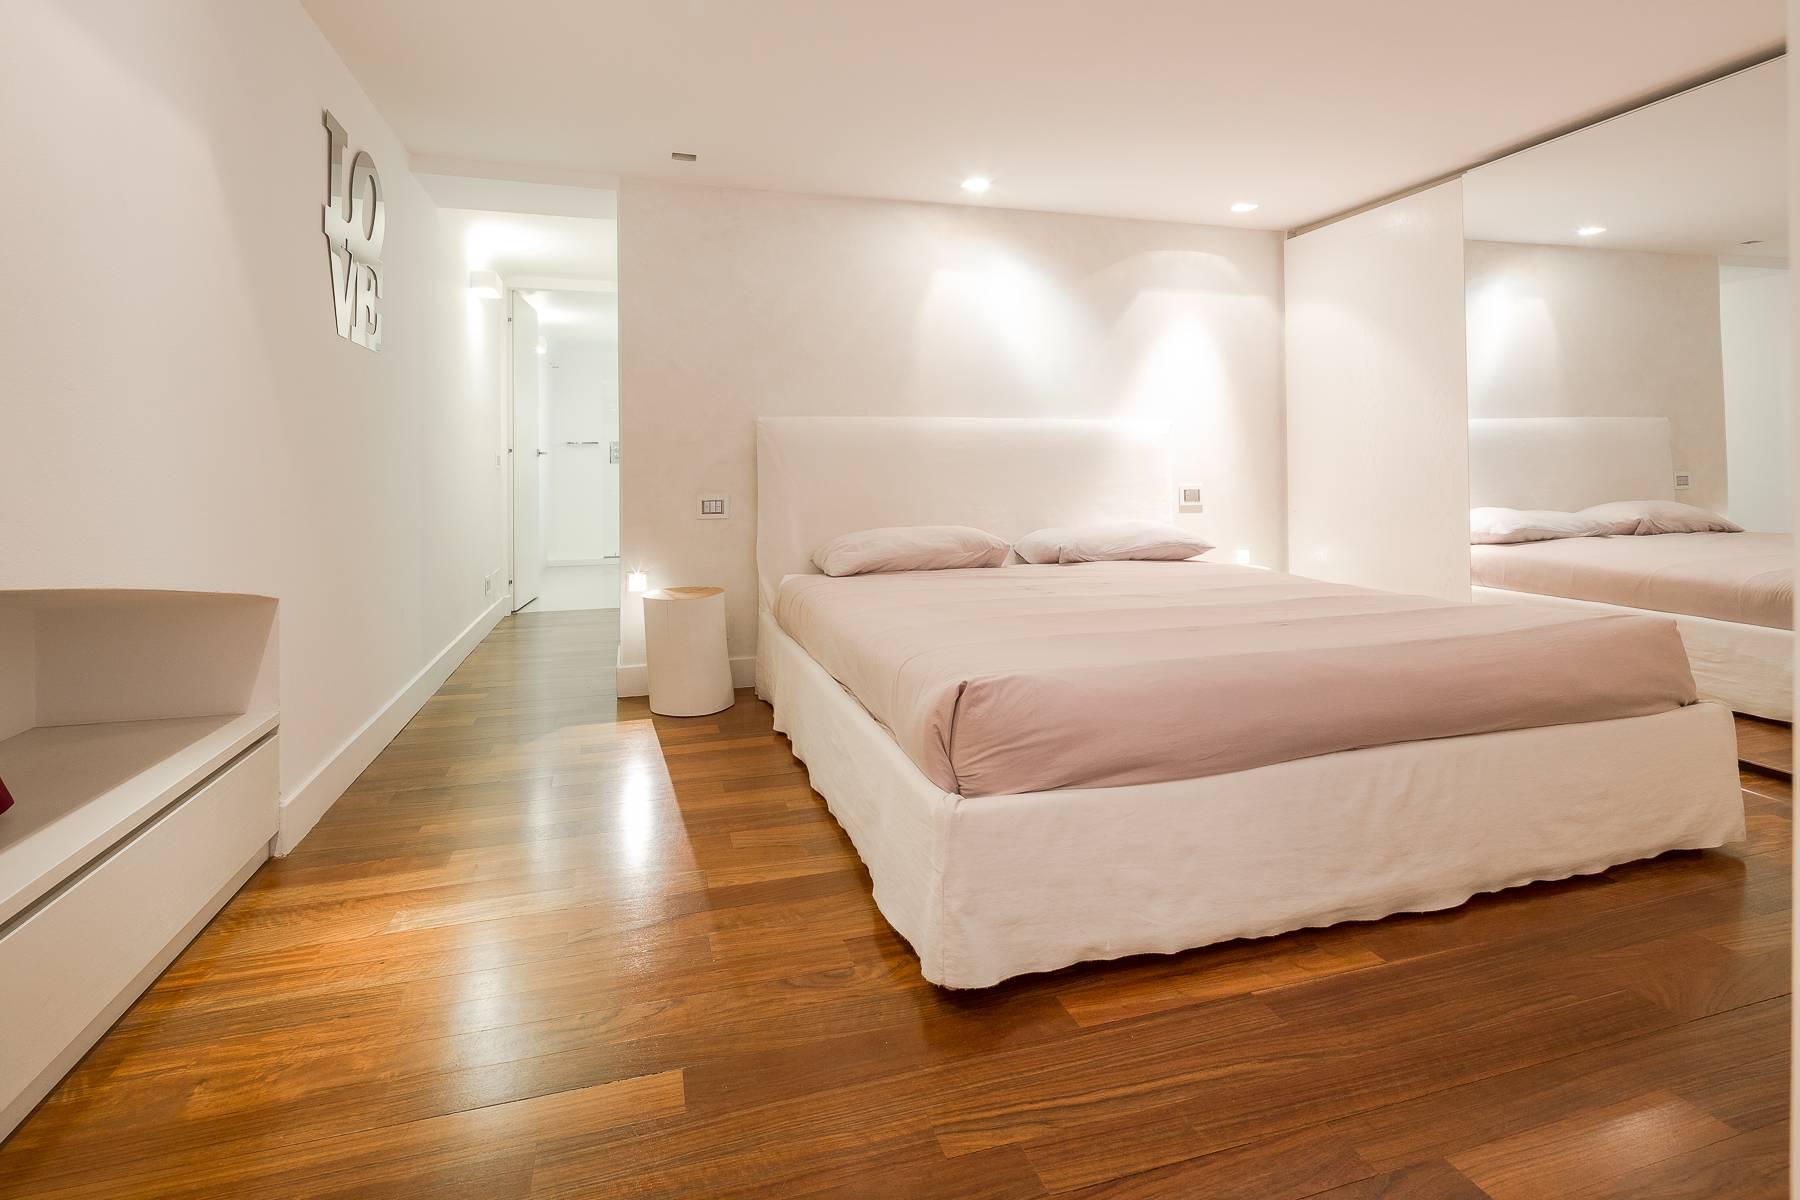 位于布雷拉区Via Montebello与De Marchi交汇处的公寓/复式 - 21